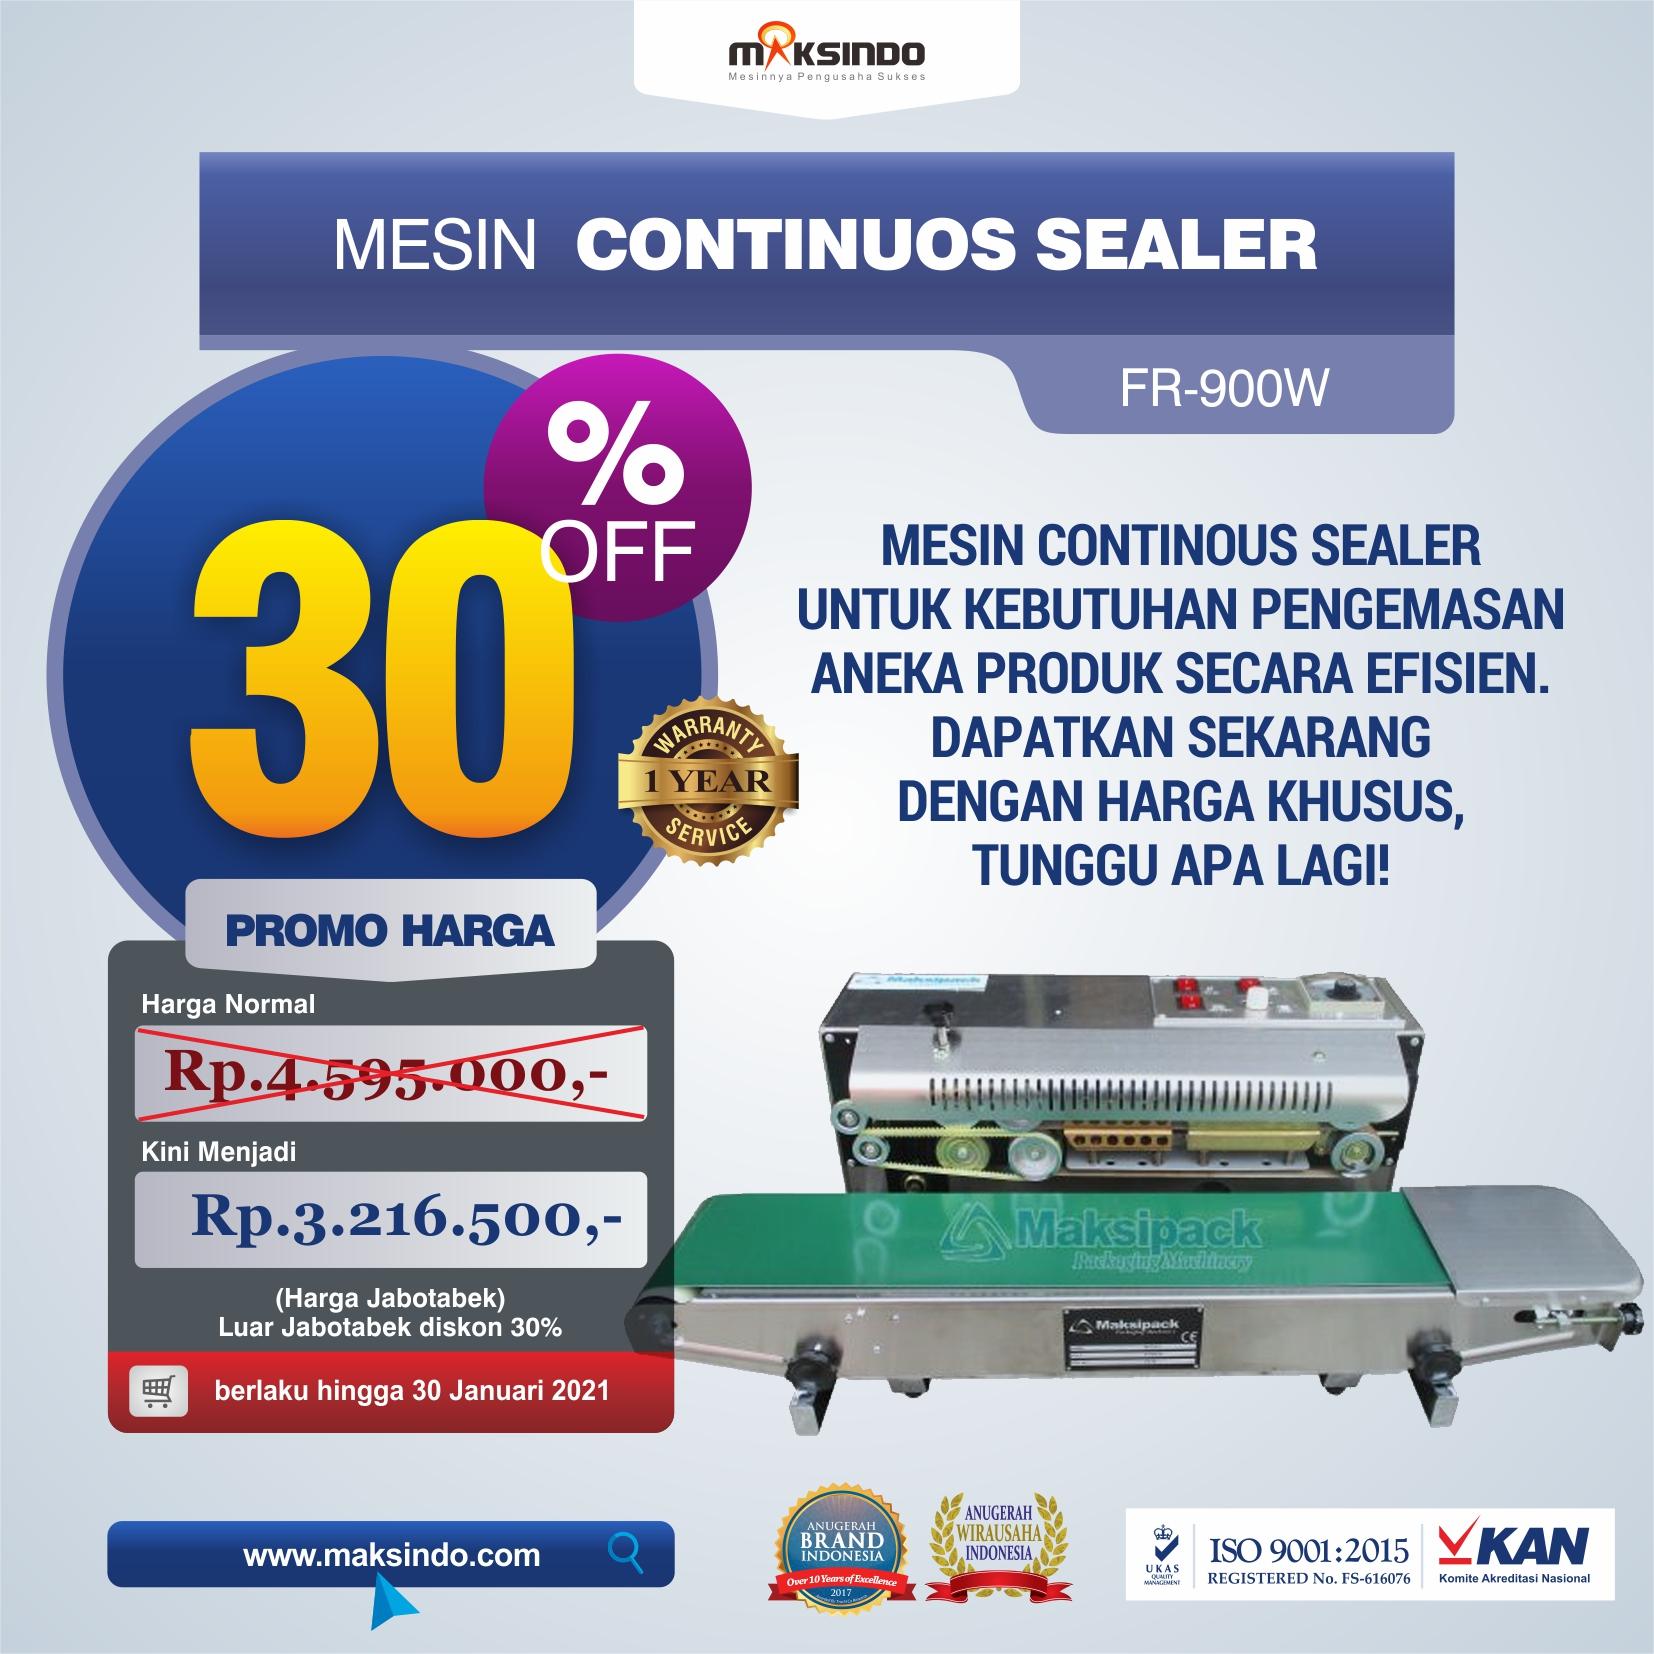 Jual Mesin Continuos Sealer FR-900W di Semarang